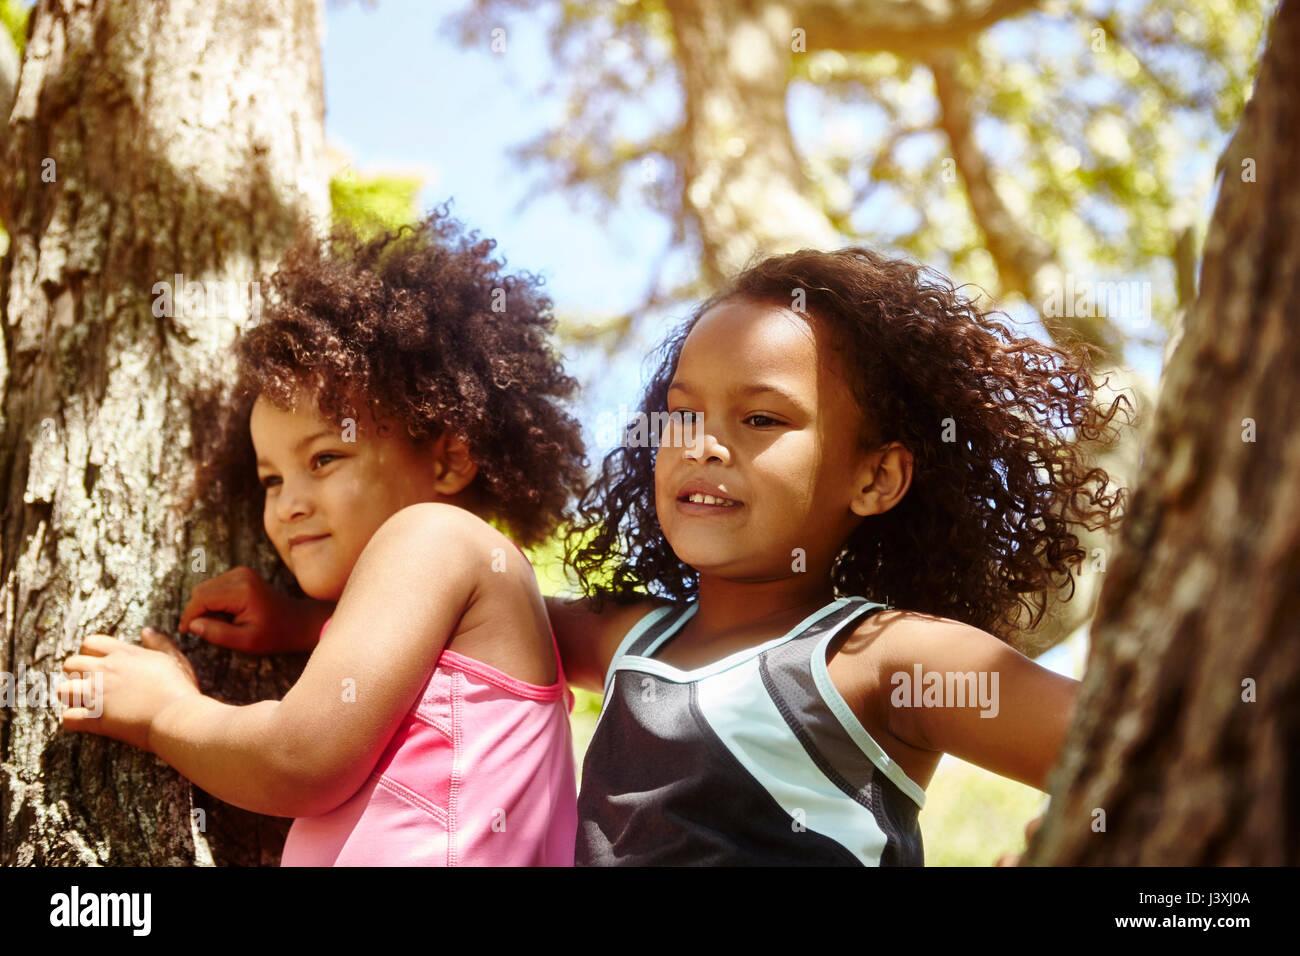 Dos hermanas jóvenes jugando en el árbol Imagen De Stock